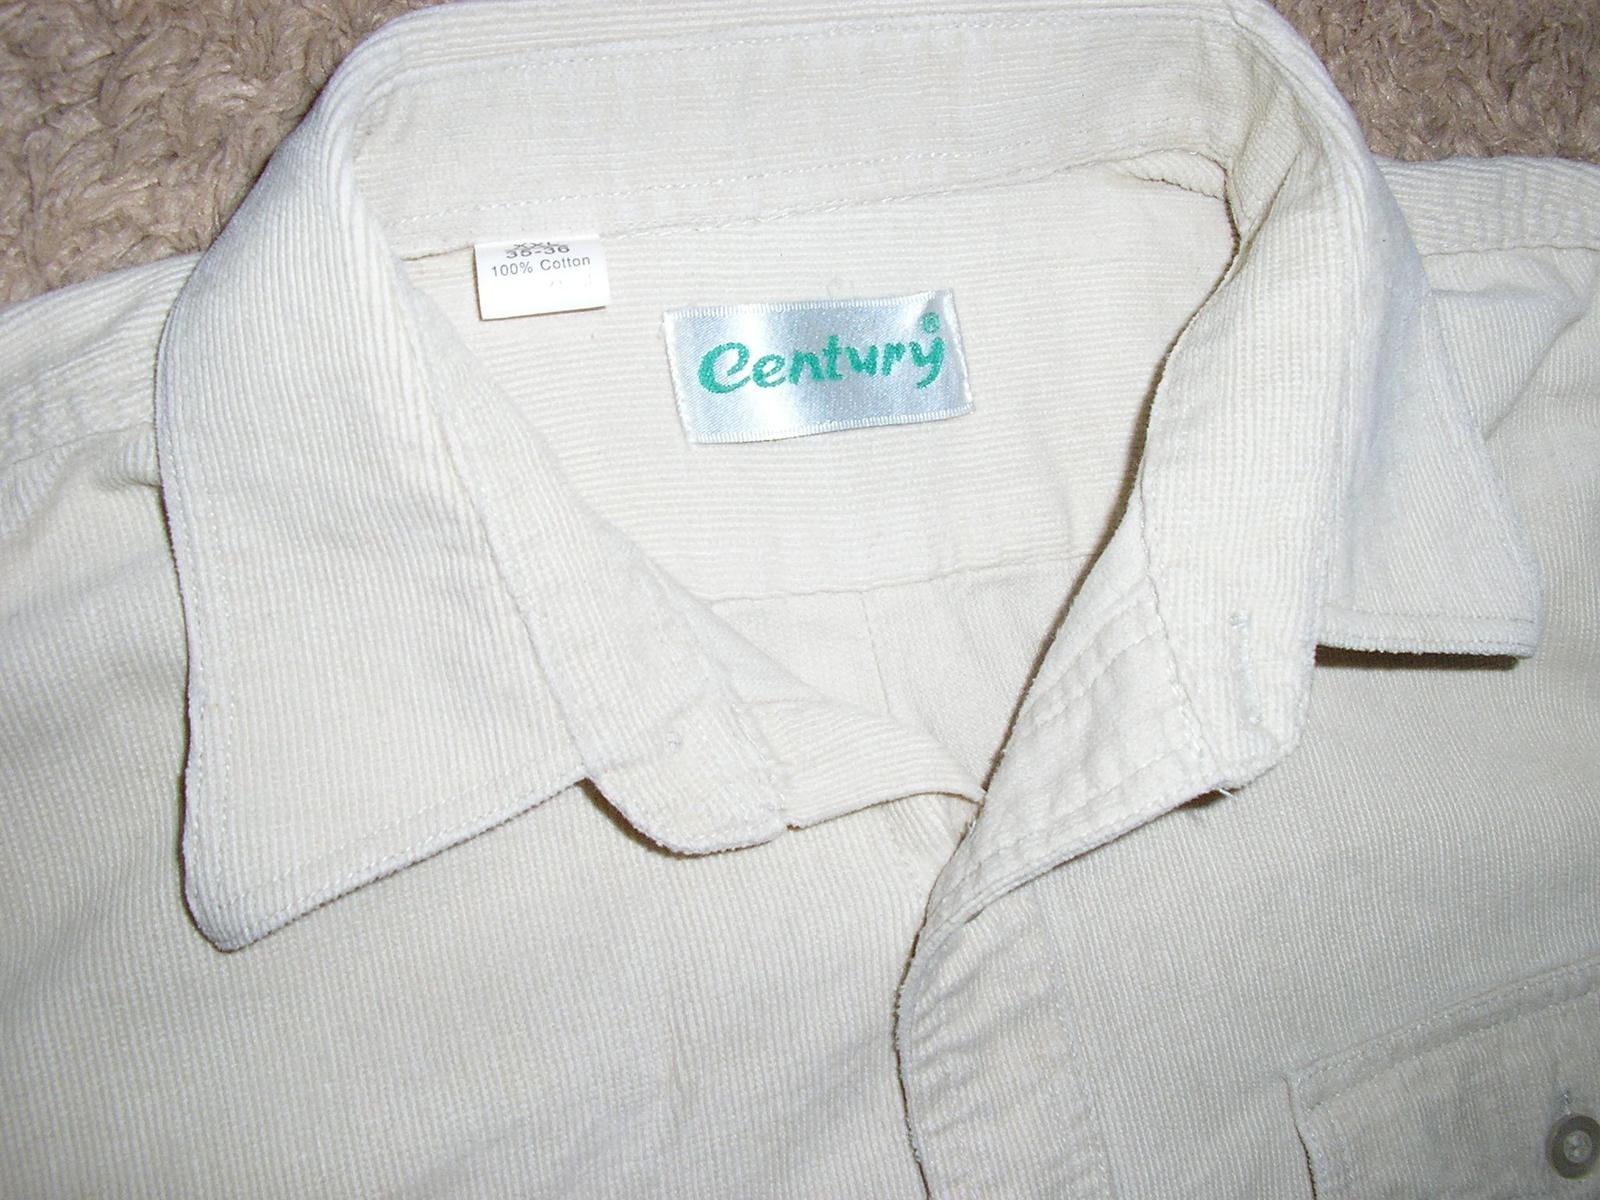 990. Century košeľa - Obrázok č. 2